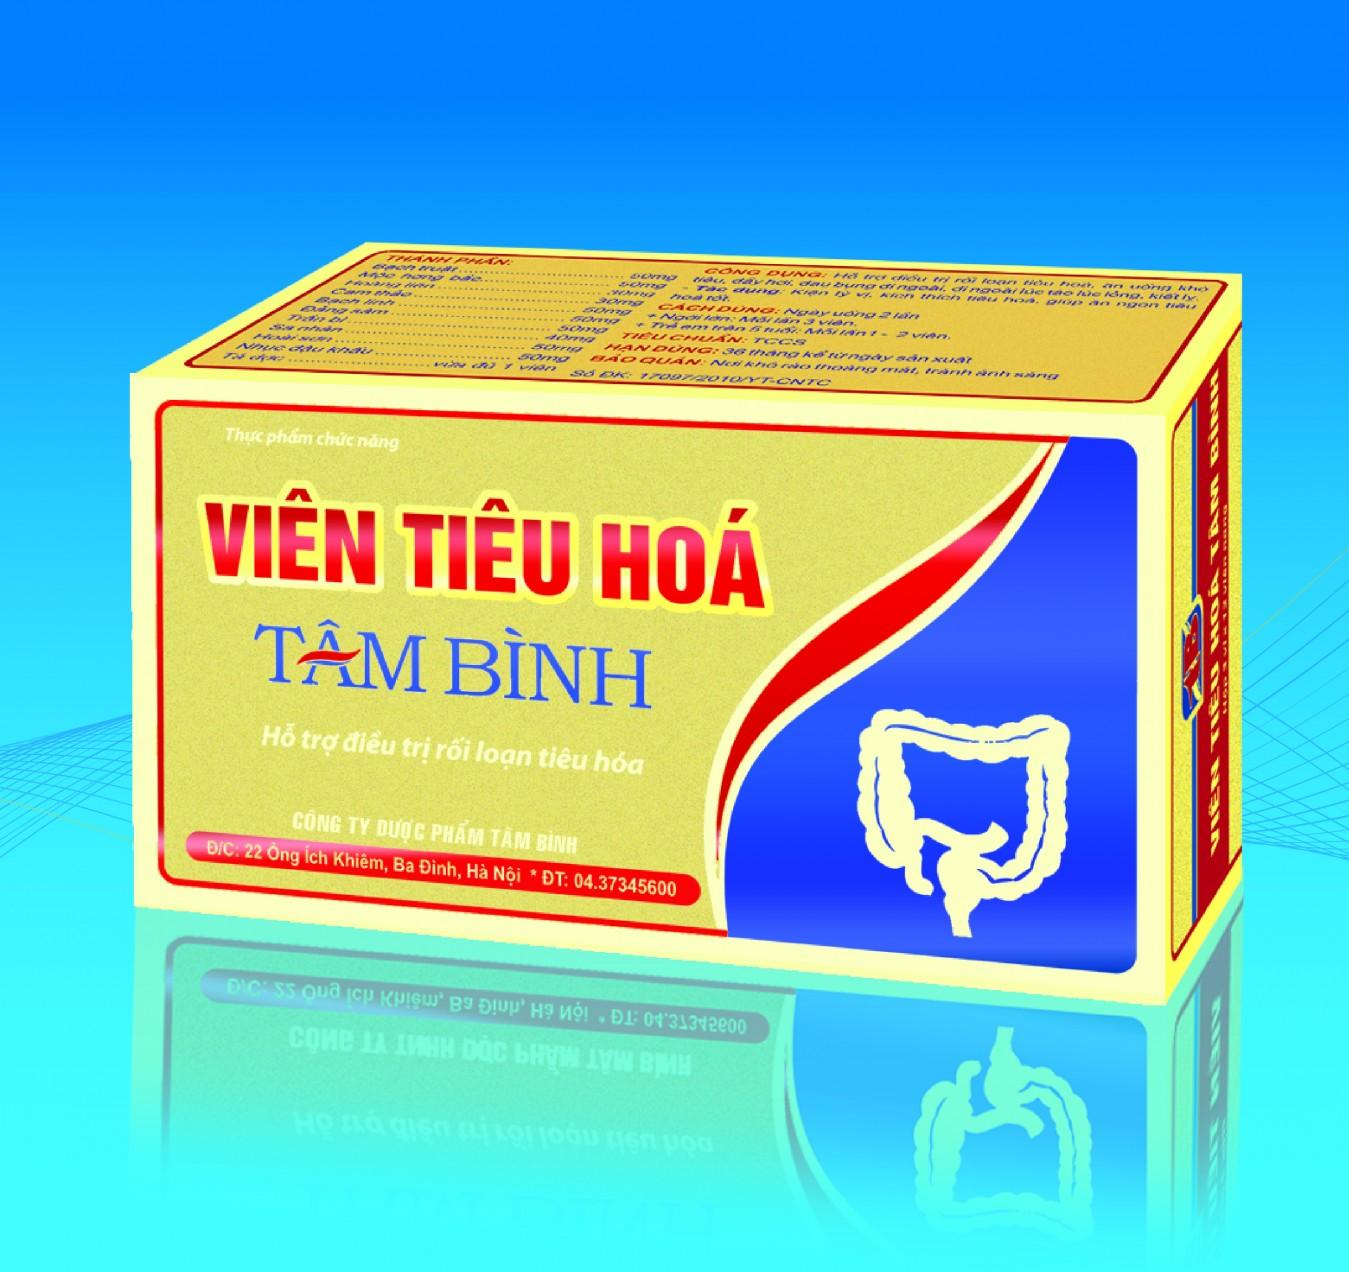 http://tambinh.vn/public/media/media/images/san-pham/vien-tieu-hoa-03.jpg